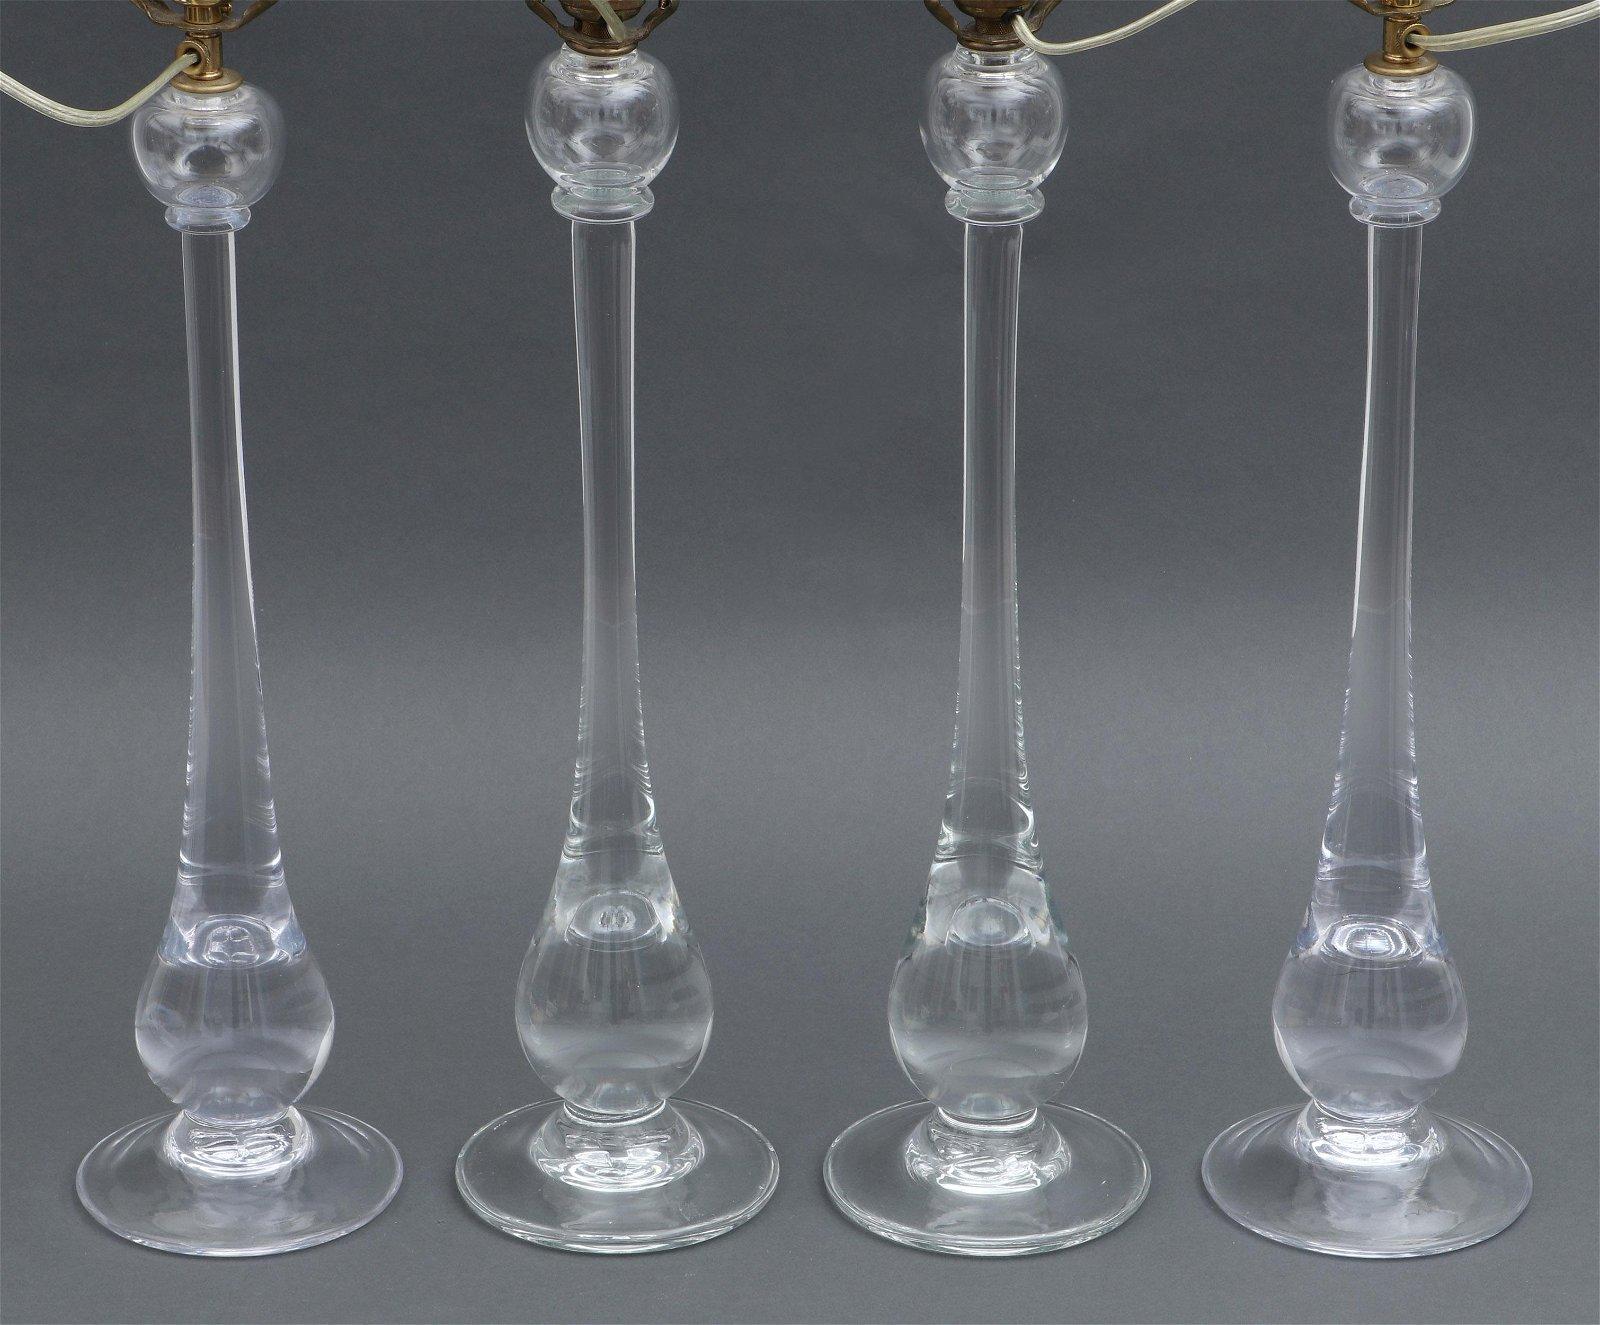 Set of (4) Simon Pearce blown glass lamps